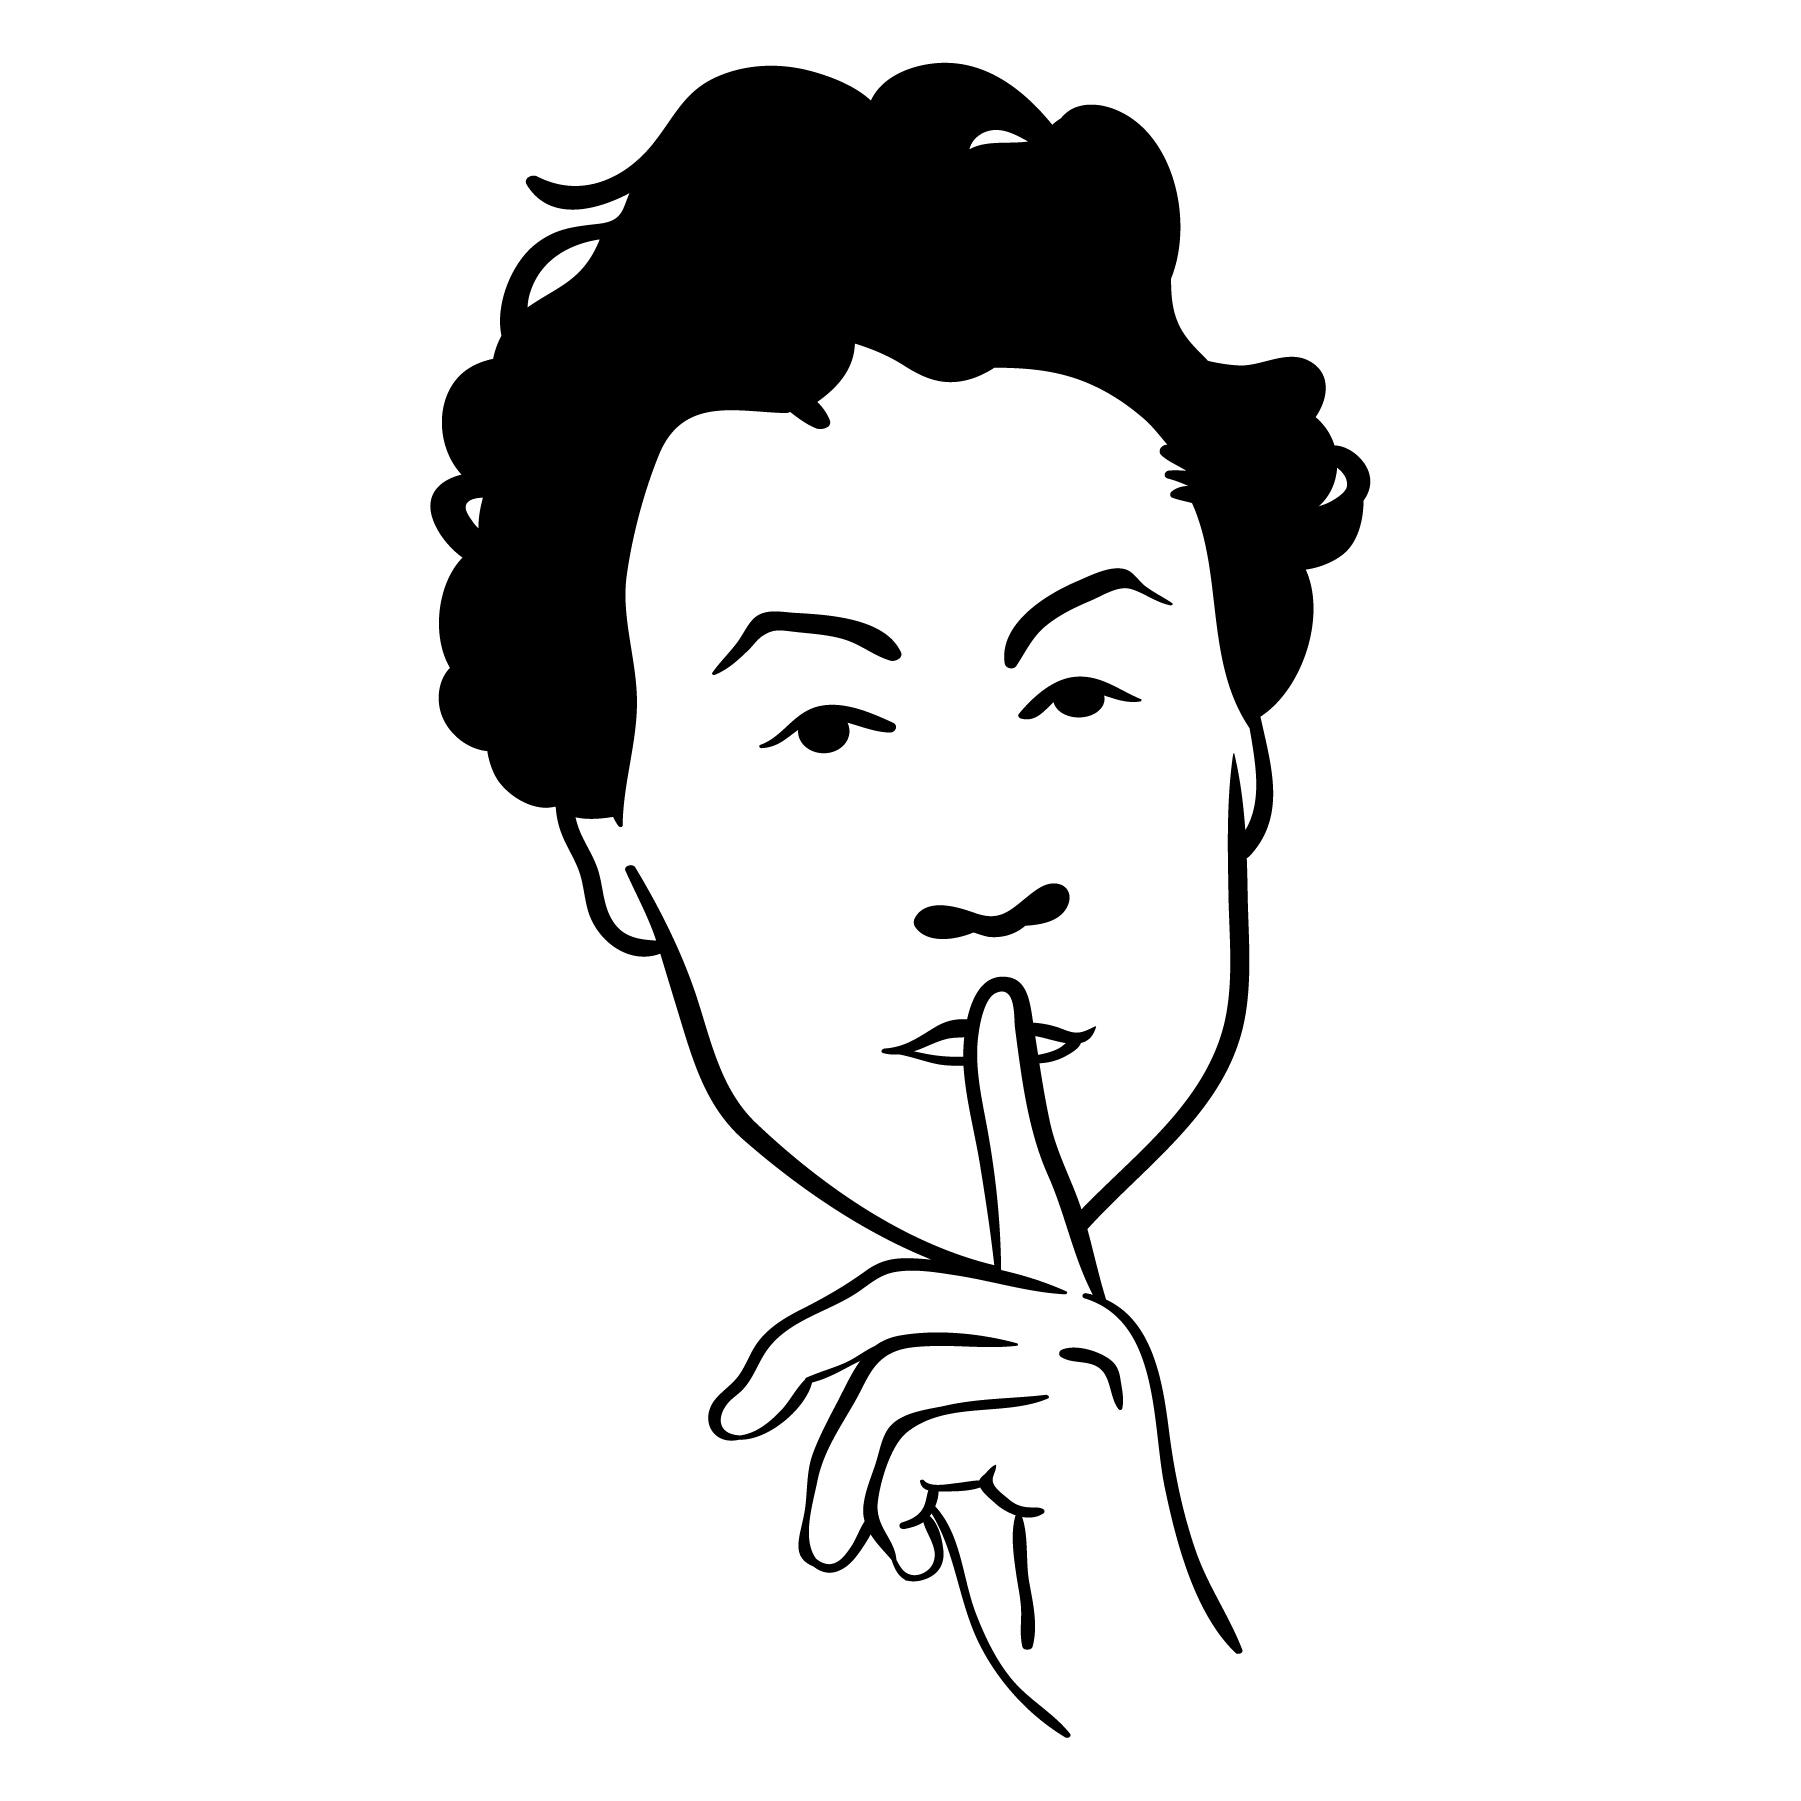 Ssshhh Quiet